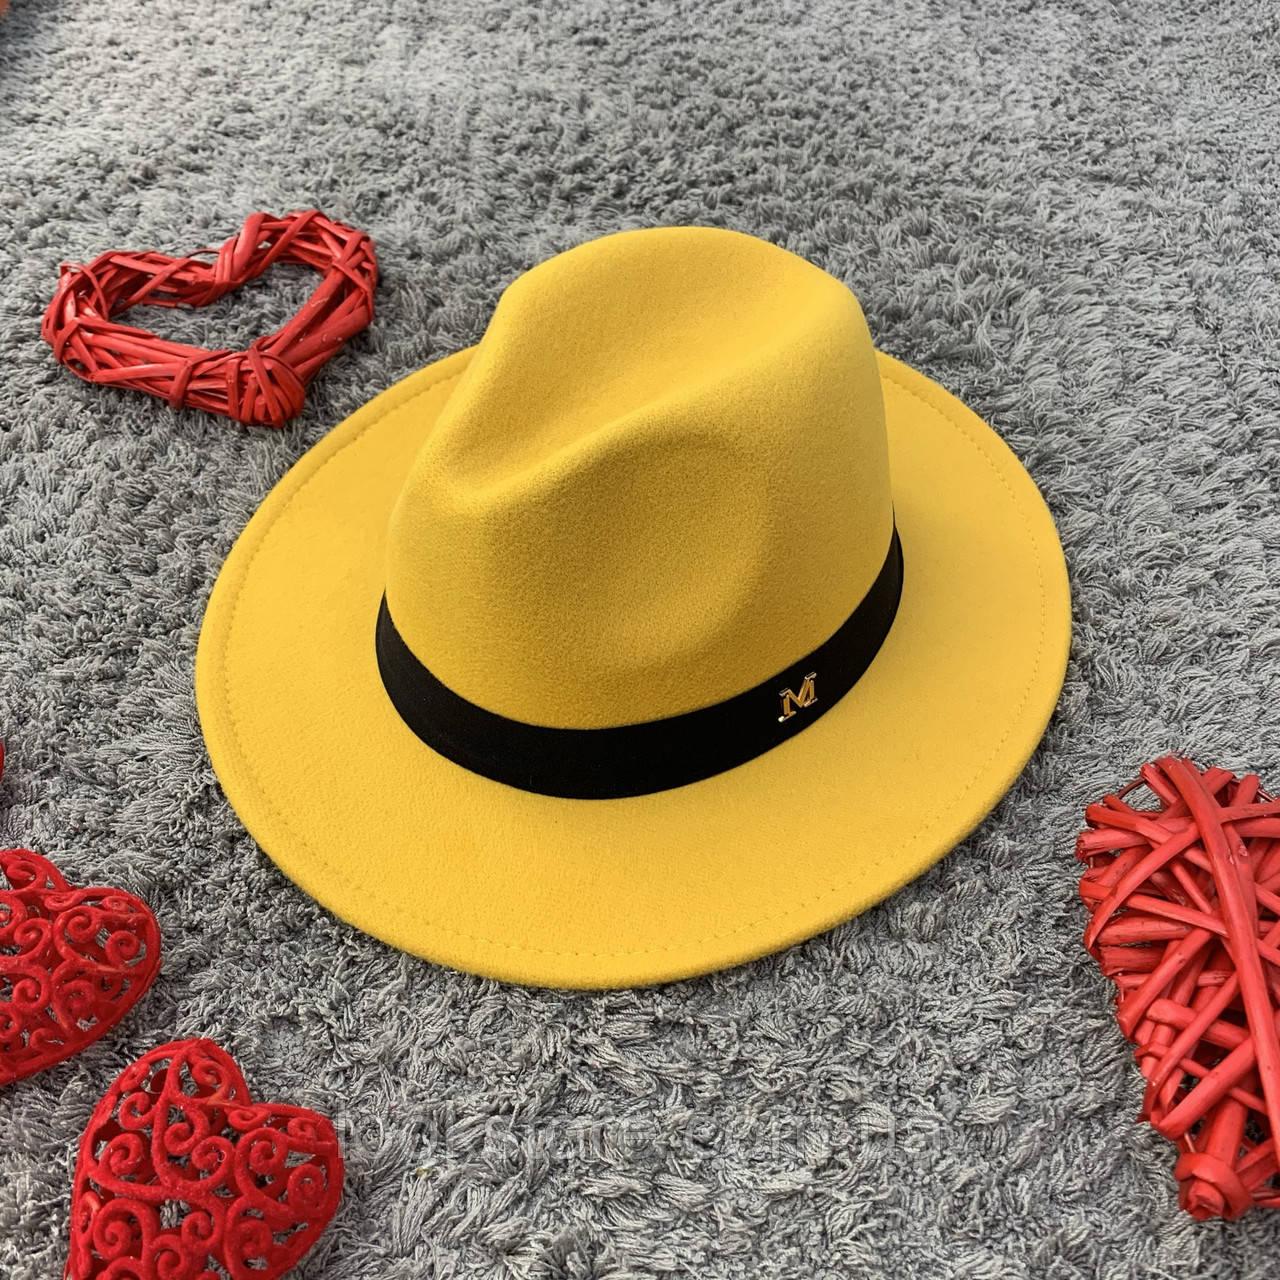 Шляпа Федора унисекс с устойчивыми полями в стиле Maison Michel желтая